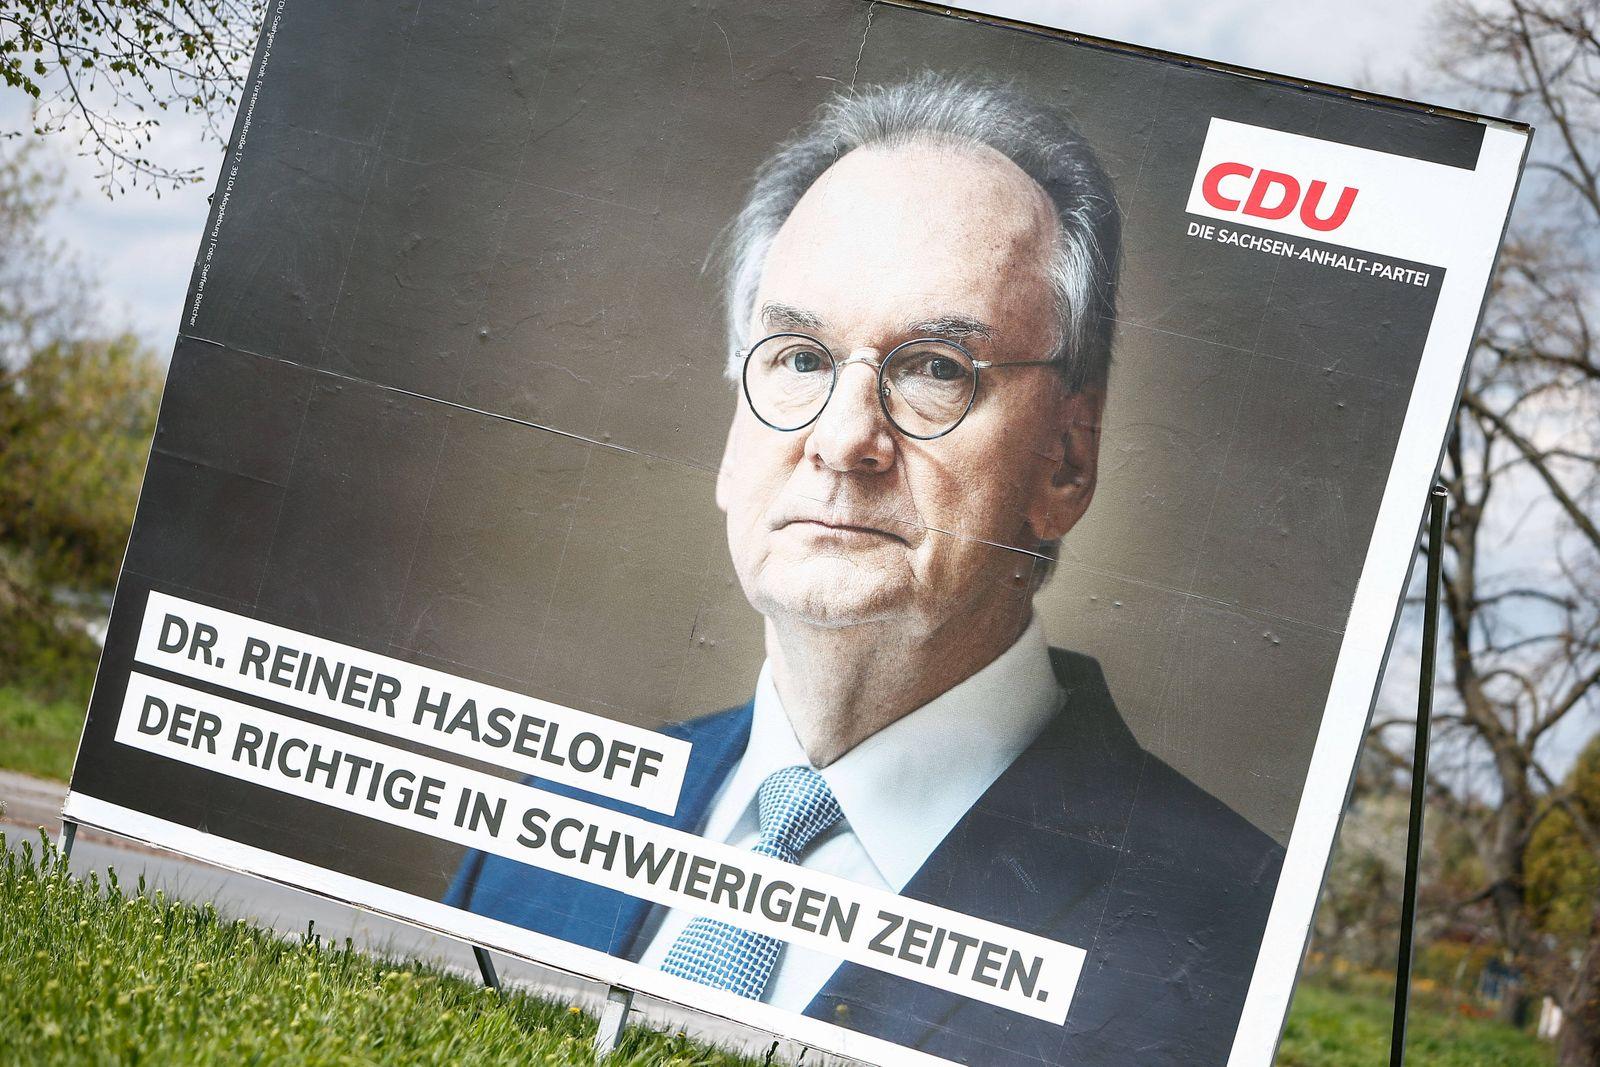 06.05.2021, xtgx, Politik, Landtagswahl in Sachsen-Anhalt, Plakat des CDU Ministerpraesidenten Reiner Haseloff Magdeburg